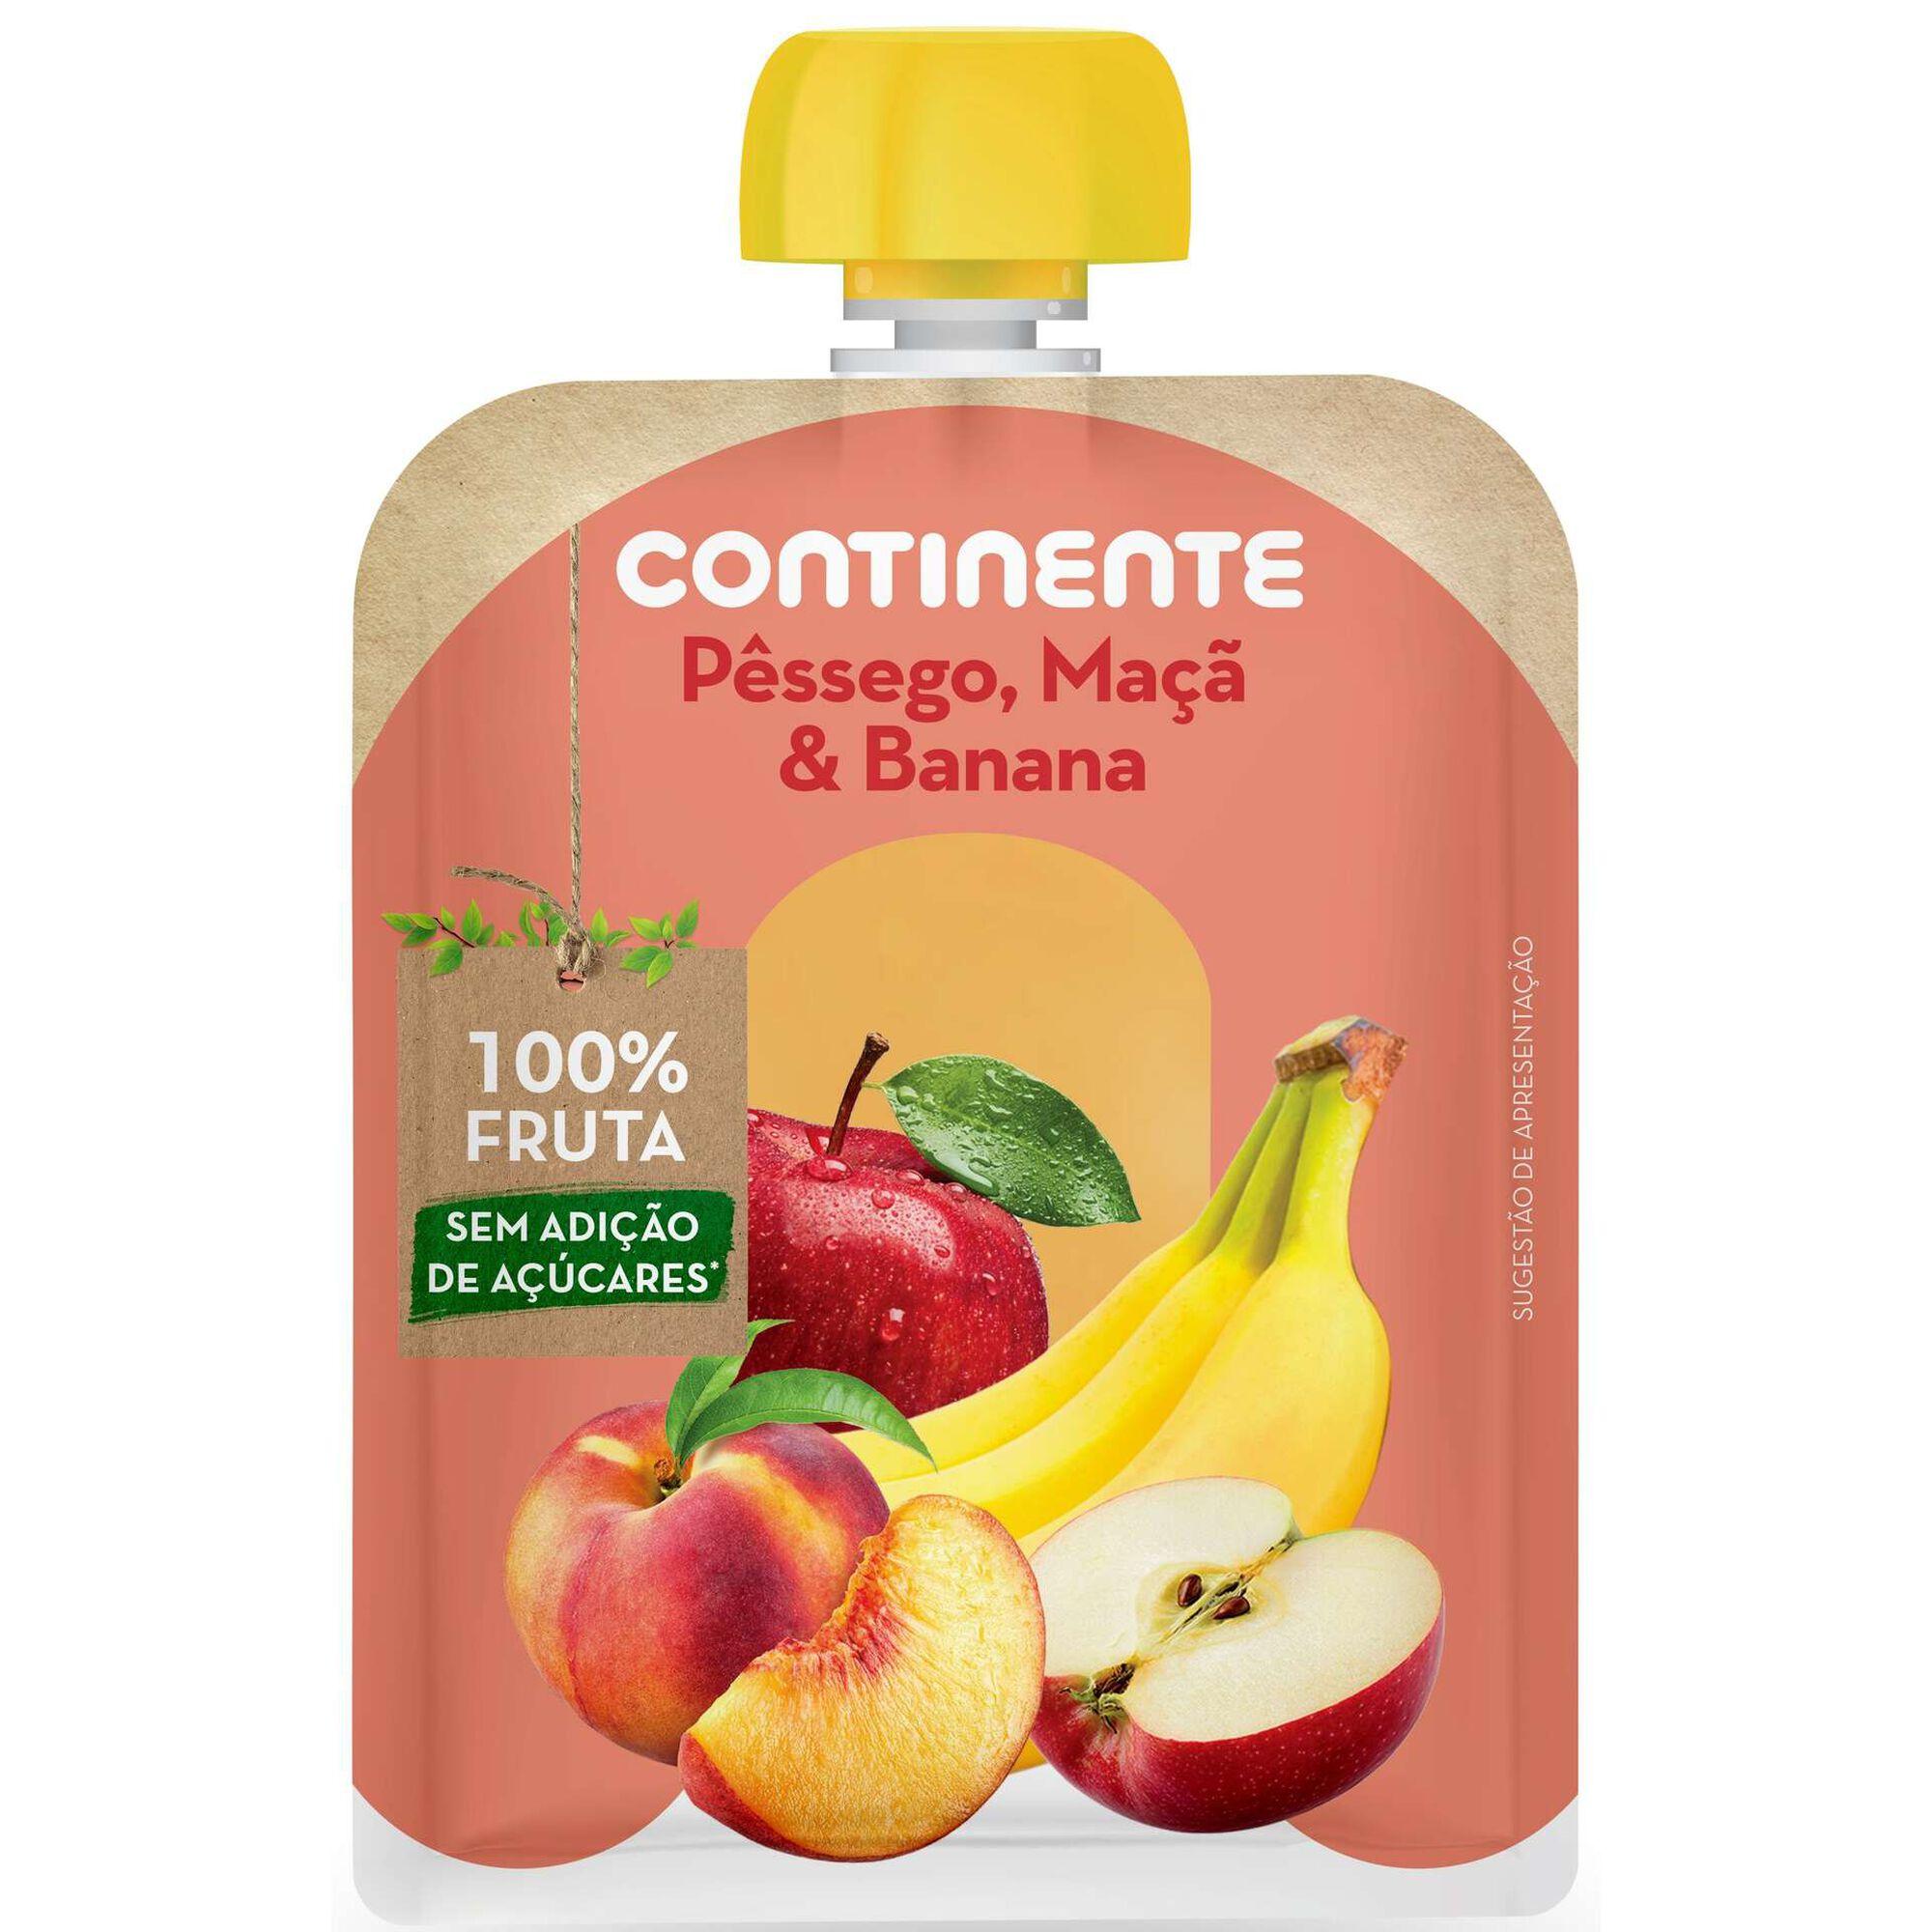 Saqueta de Fruta Pêssego, Maçã e Banana